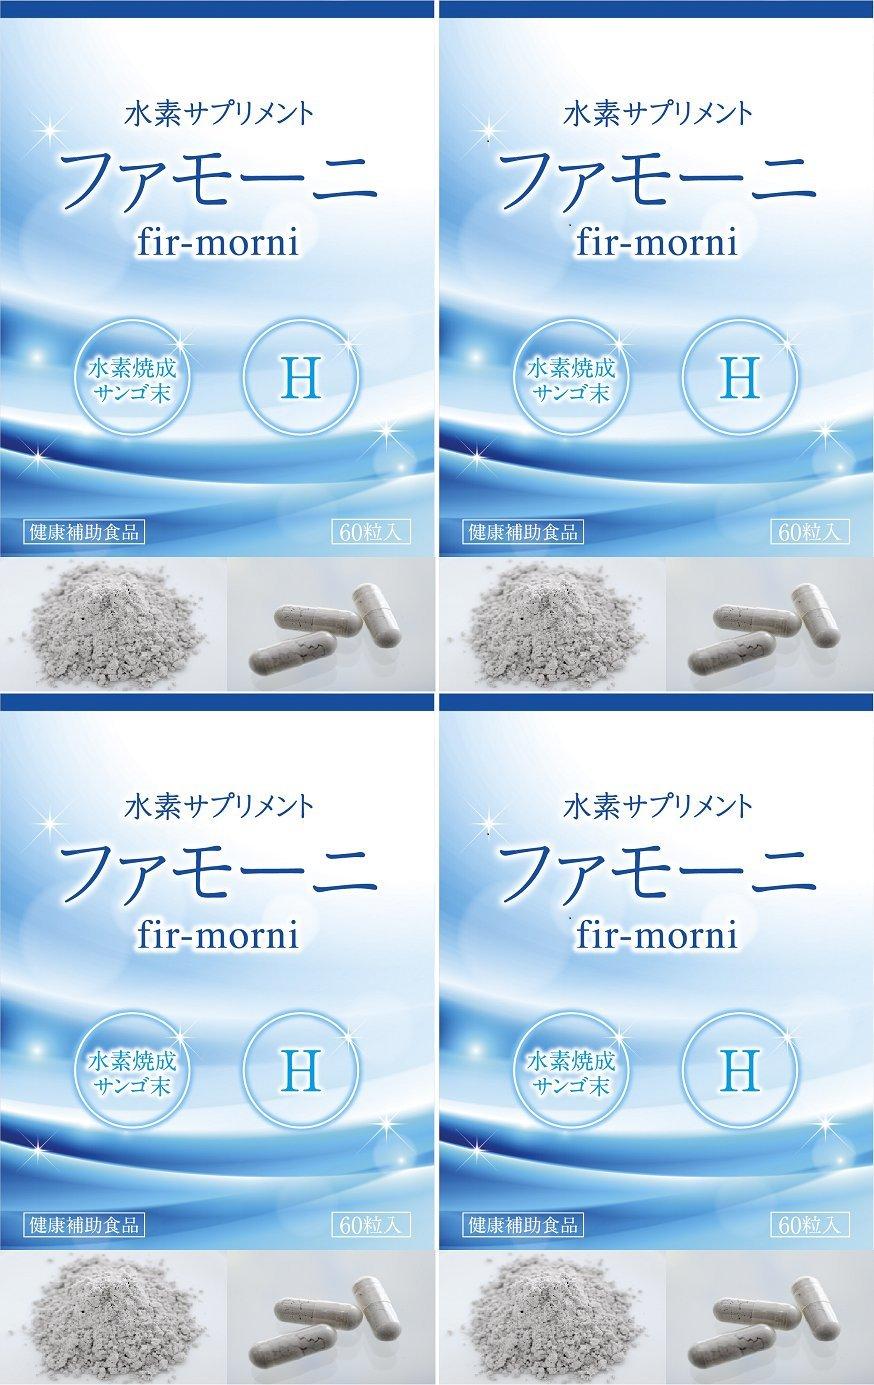 水素焼成サンゴ末 4個セット (60カプセル4) 水素サプリ「 ファモーニ 」 サンゴカルシウム B07CGL174R